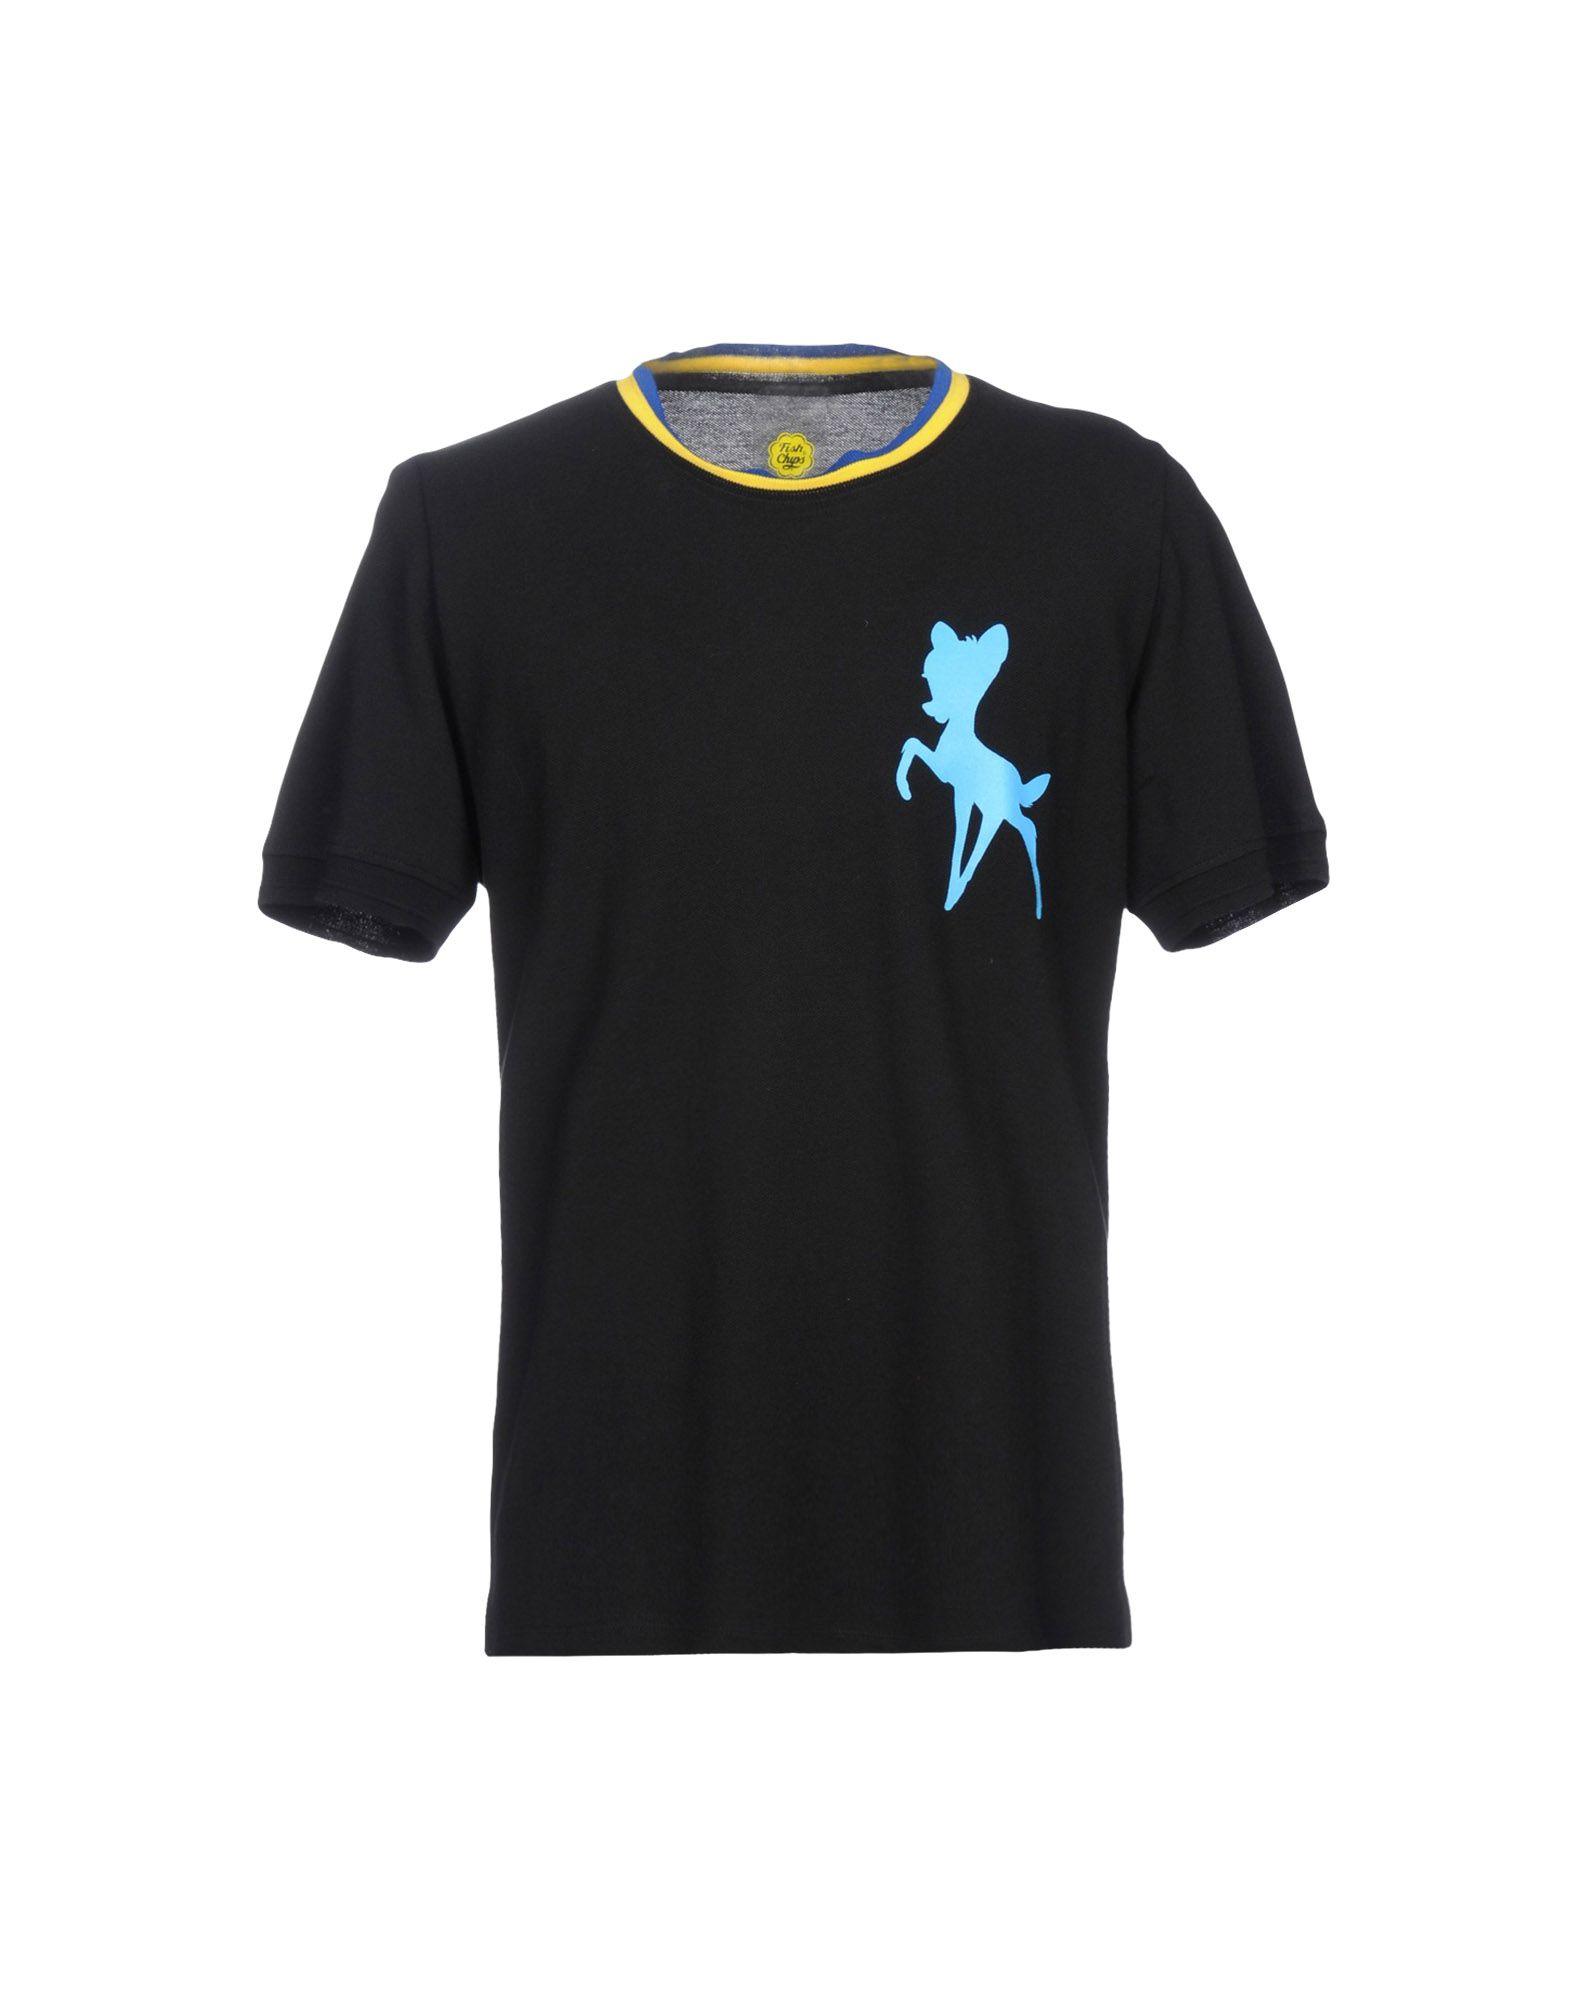 TFTBTL Herren T-shirts Farbe Schwarz Größe 5